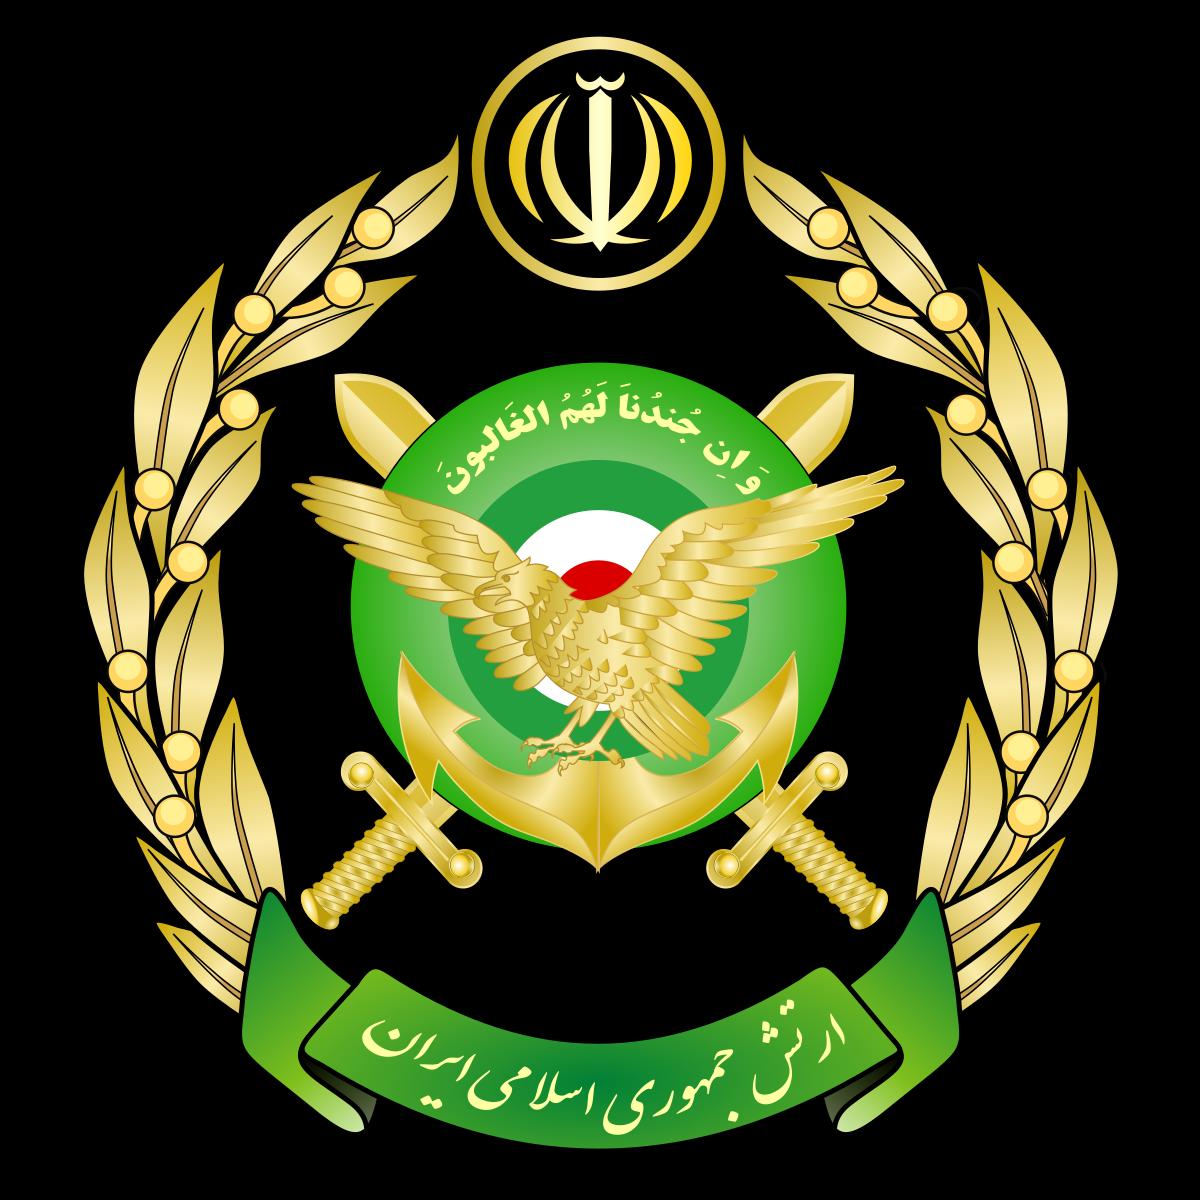 ارتش جمهوری اسلامی حمله مثلث شرارت به سوریه را محکوم کرد